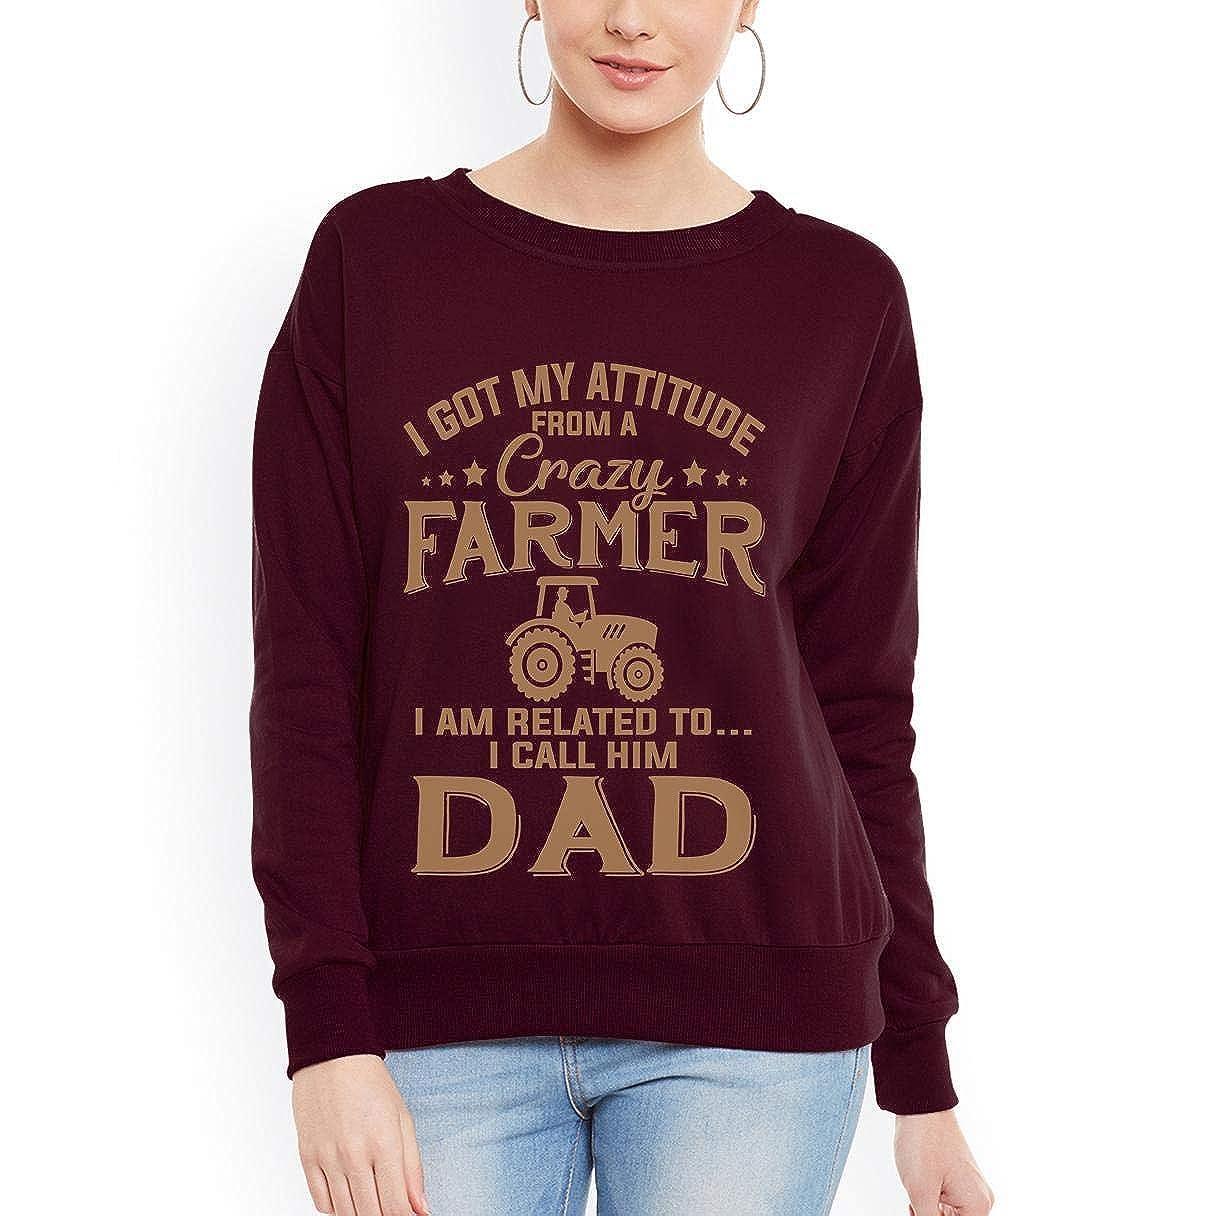 tee Dad Father Day Farmer Lover Women Sweatshirt I got My Attitude from a Crazy Farmer